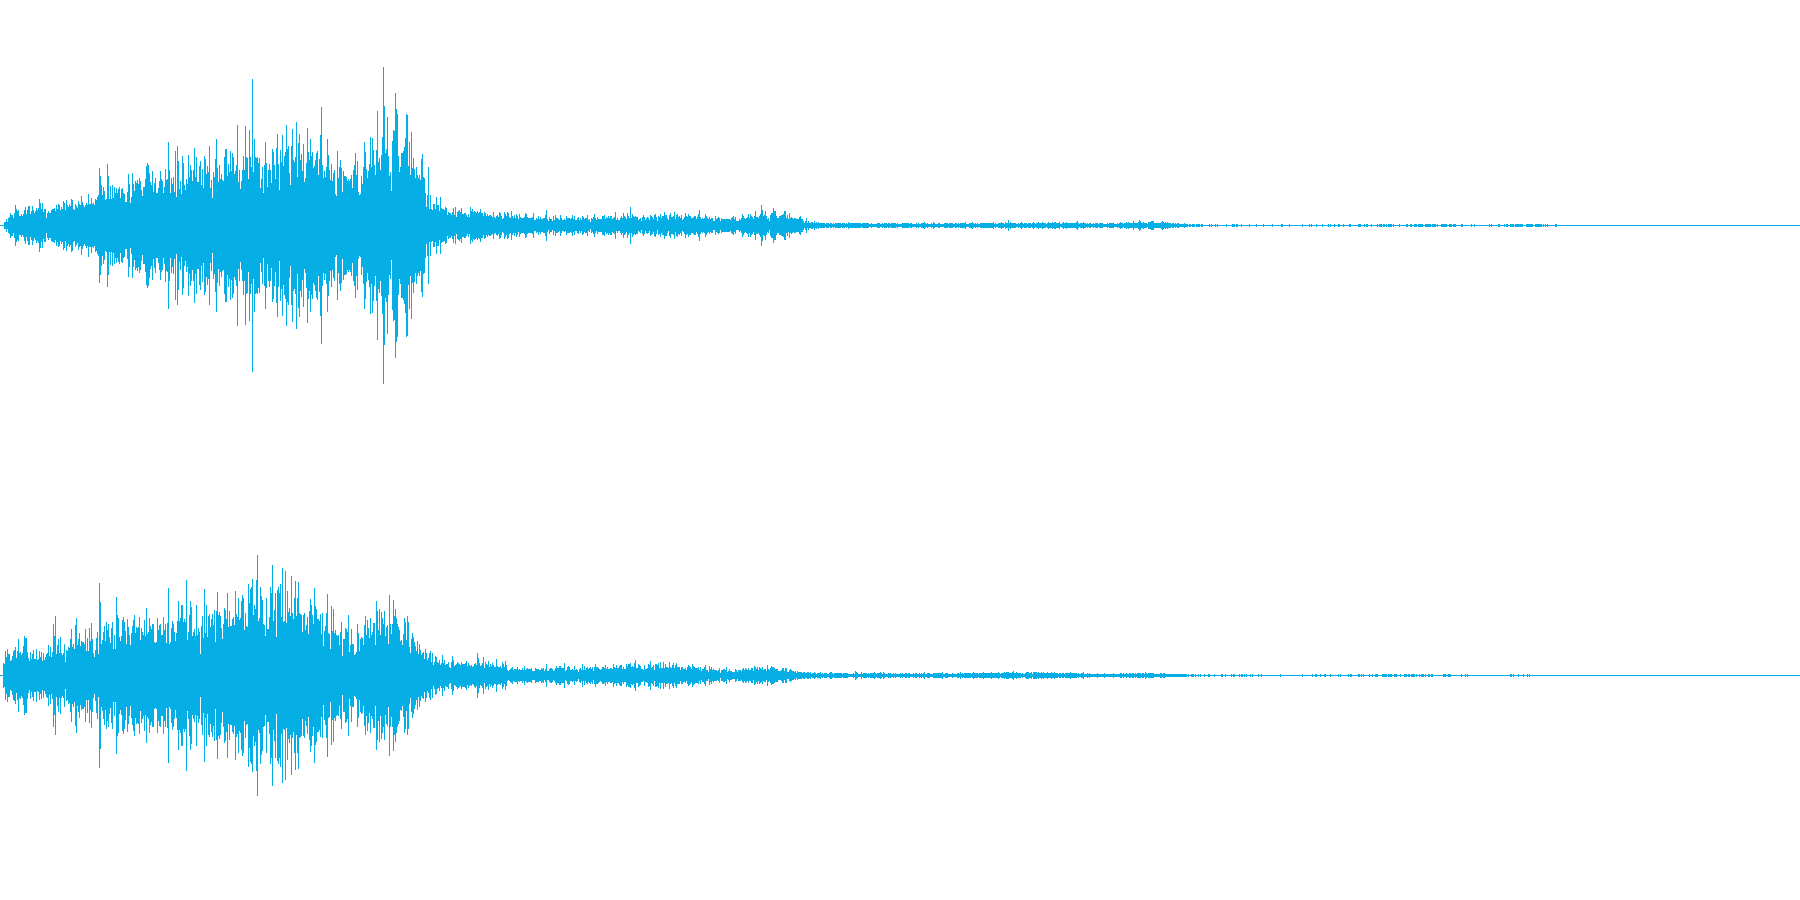 シュッ(スクロール音)の再生済みの波形